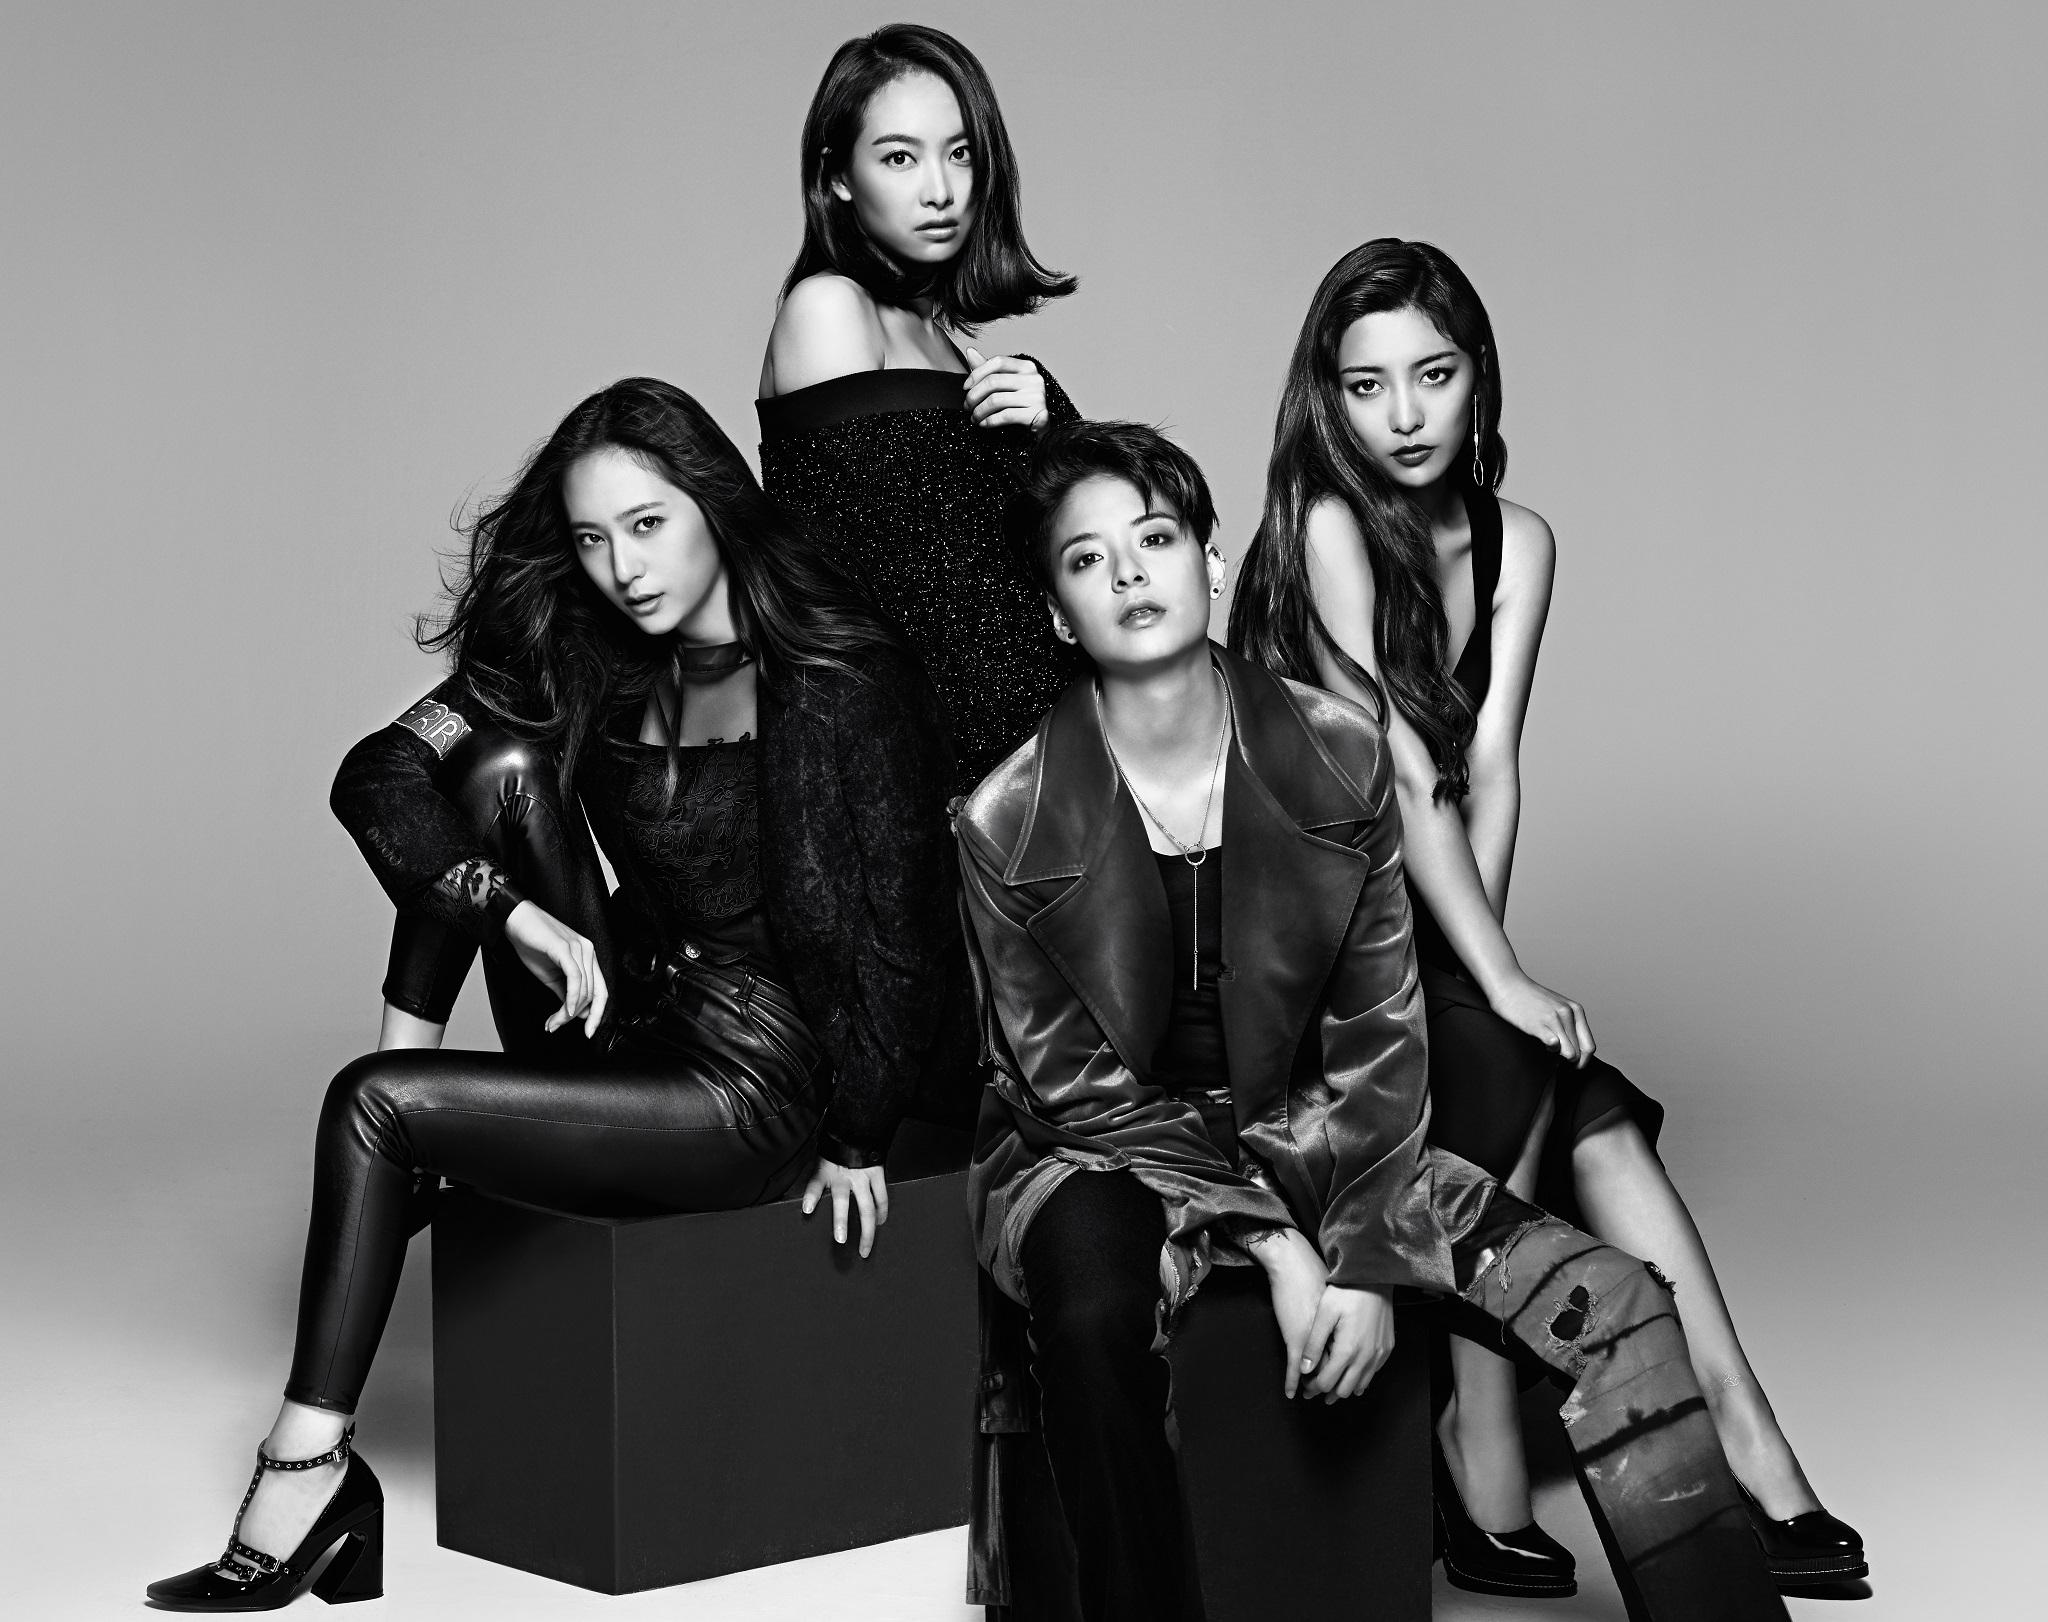 韩国女团实体专辑总销量TOP15,这一团居然能超过少女时代拿下第一!插图3